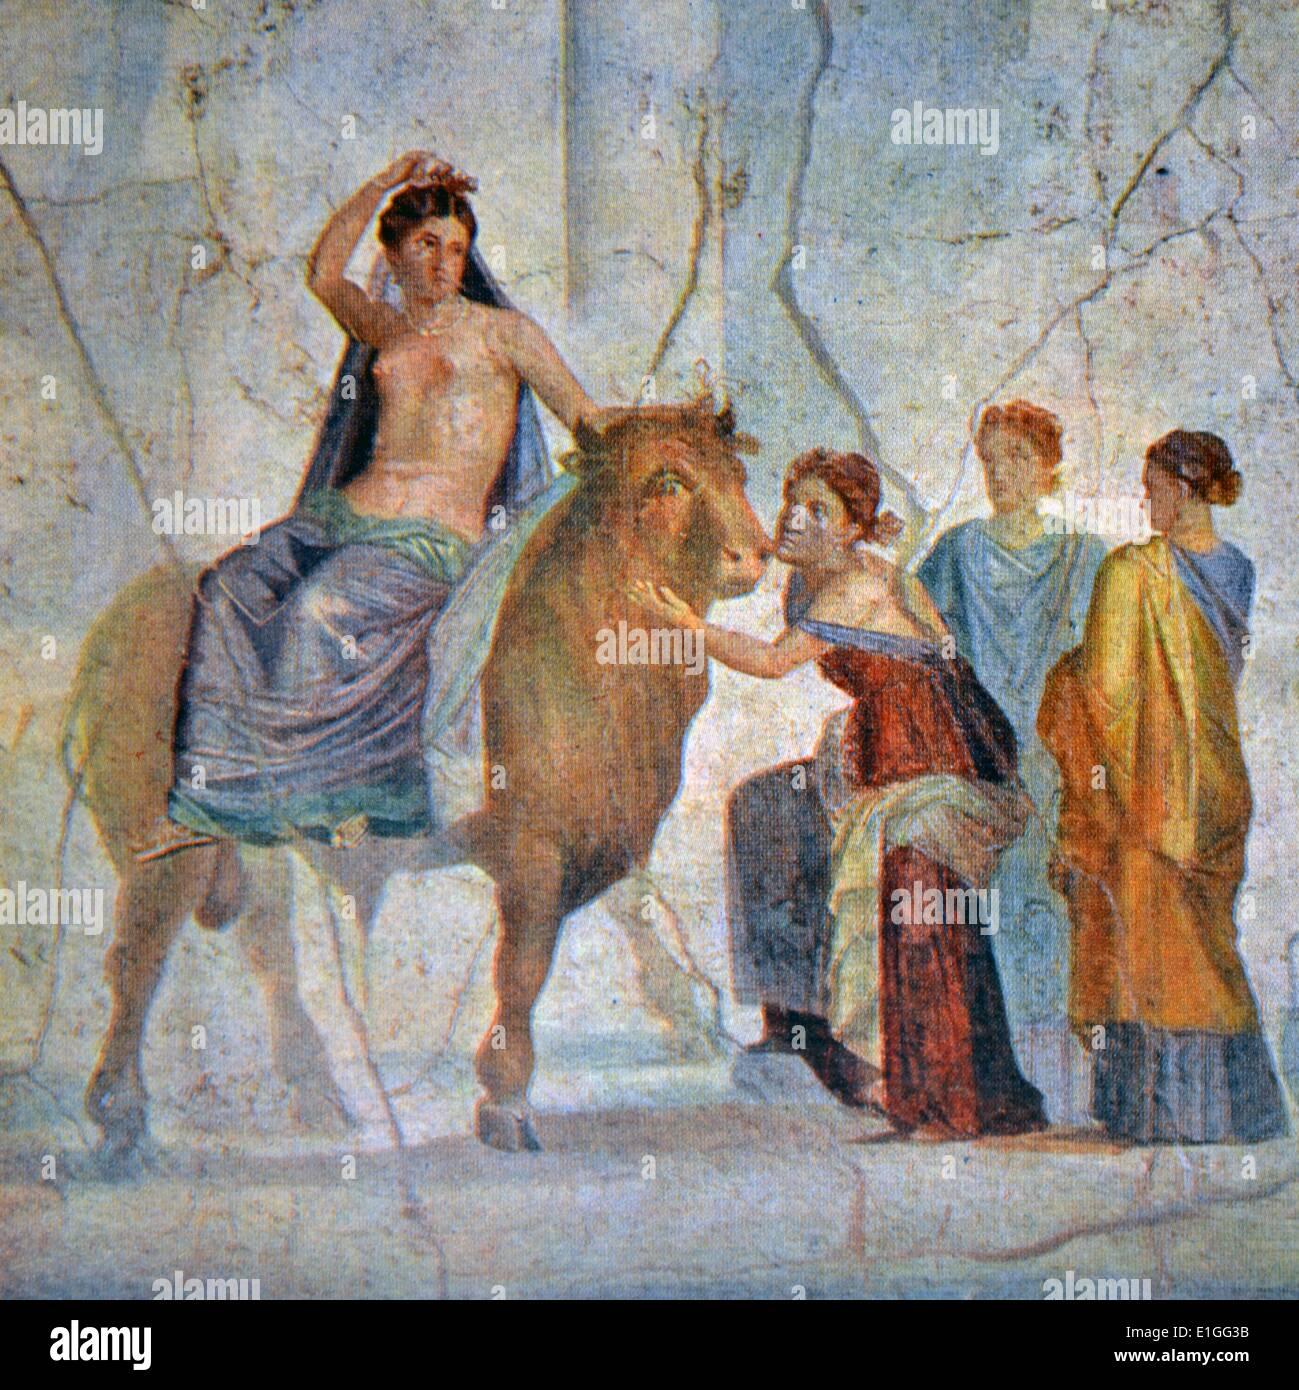 Fresco découvert à Pompéi. En date du début de l'A.D. Photo Stock